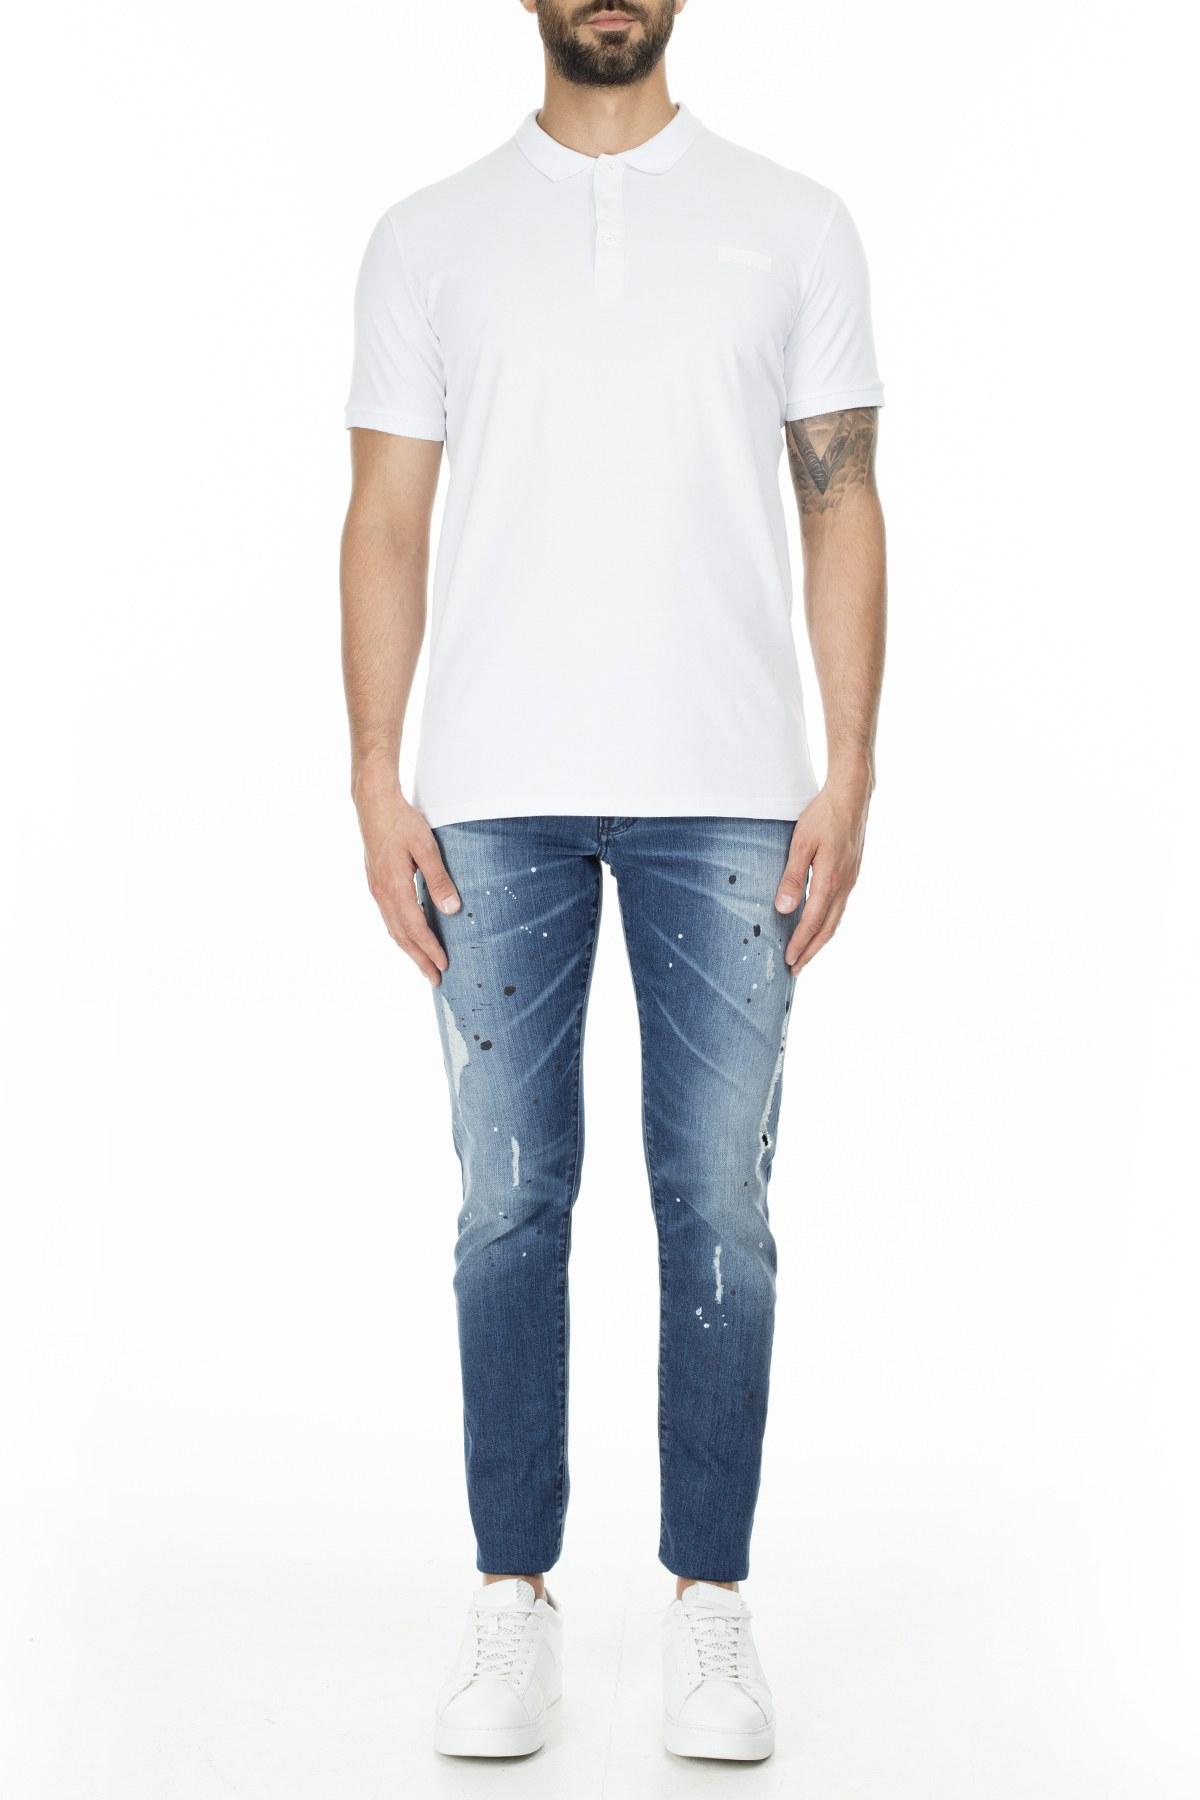 Armani Exchange J14 Jeans Erkek Kot Pantolon 3HZJ14 Z4ZCZ 1500 KOYU MAVİ